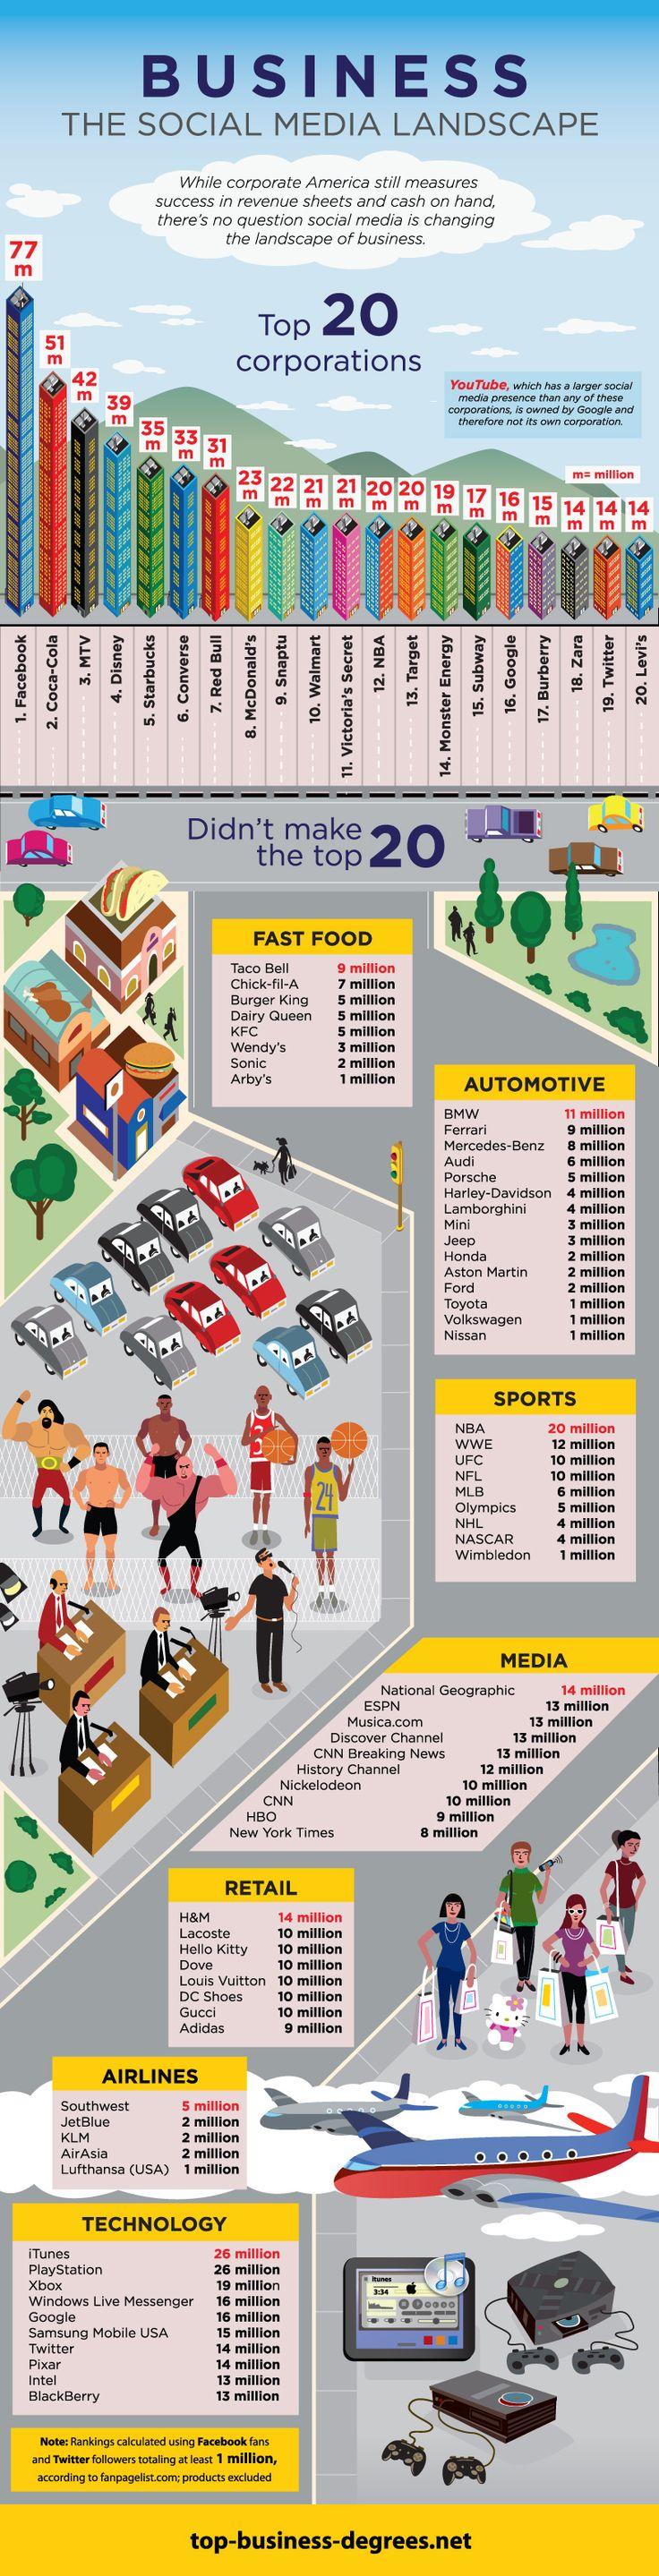 Infográfico: as marcas com mais fãs nas redes sociais » Brainstorm9  http://www.brainstorm9.com.br/32661/social-media/infografico-as-10-marcas-com-mais-fas-nas-redes-sociais/